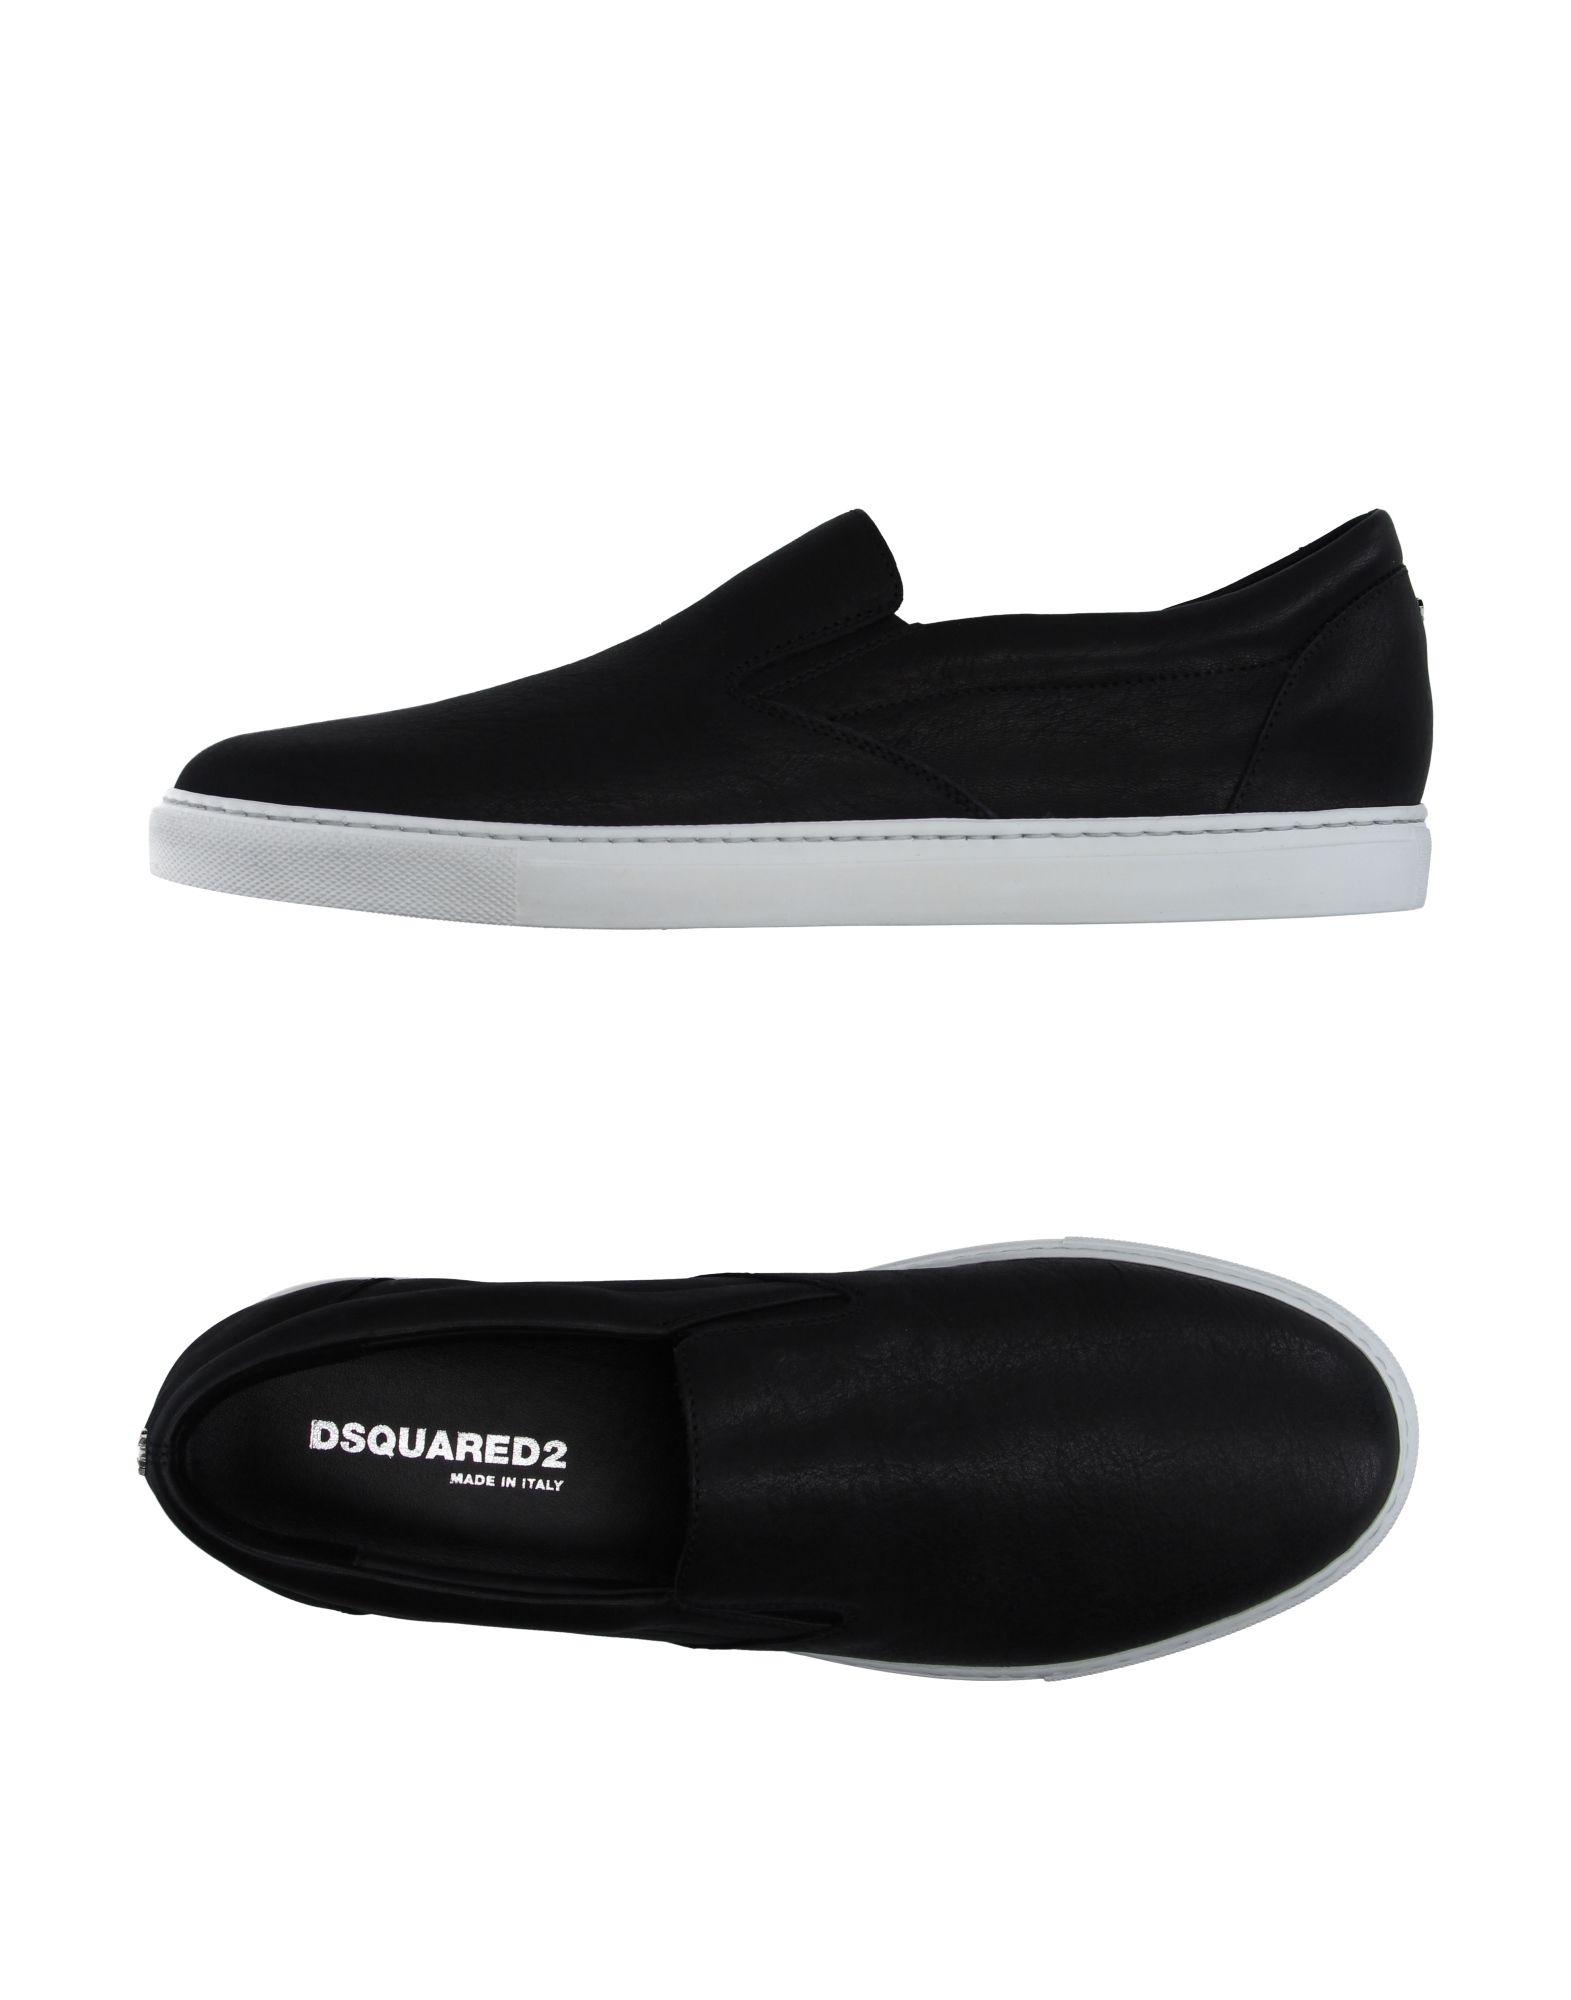 Dsquared2 Sneakers Herren  11163720XW Gute Qualität beliebte Schuhe